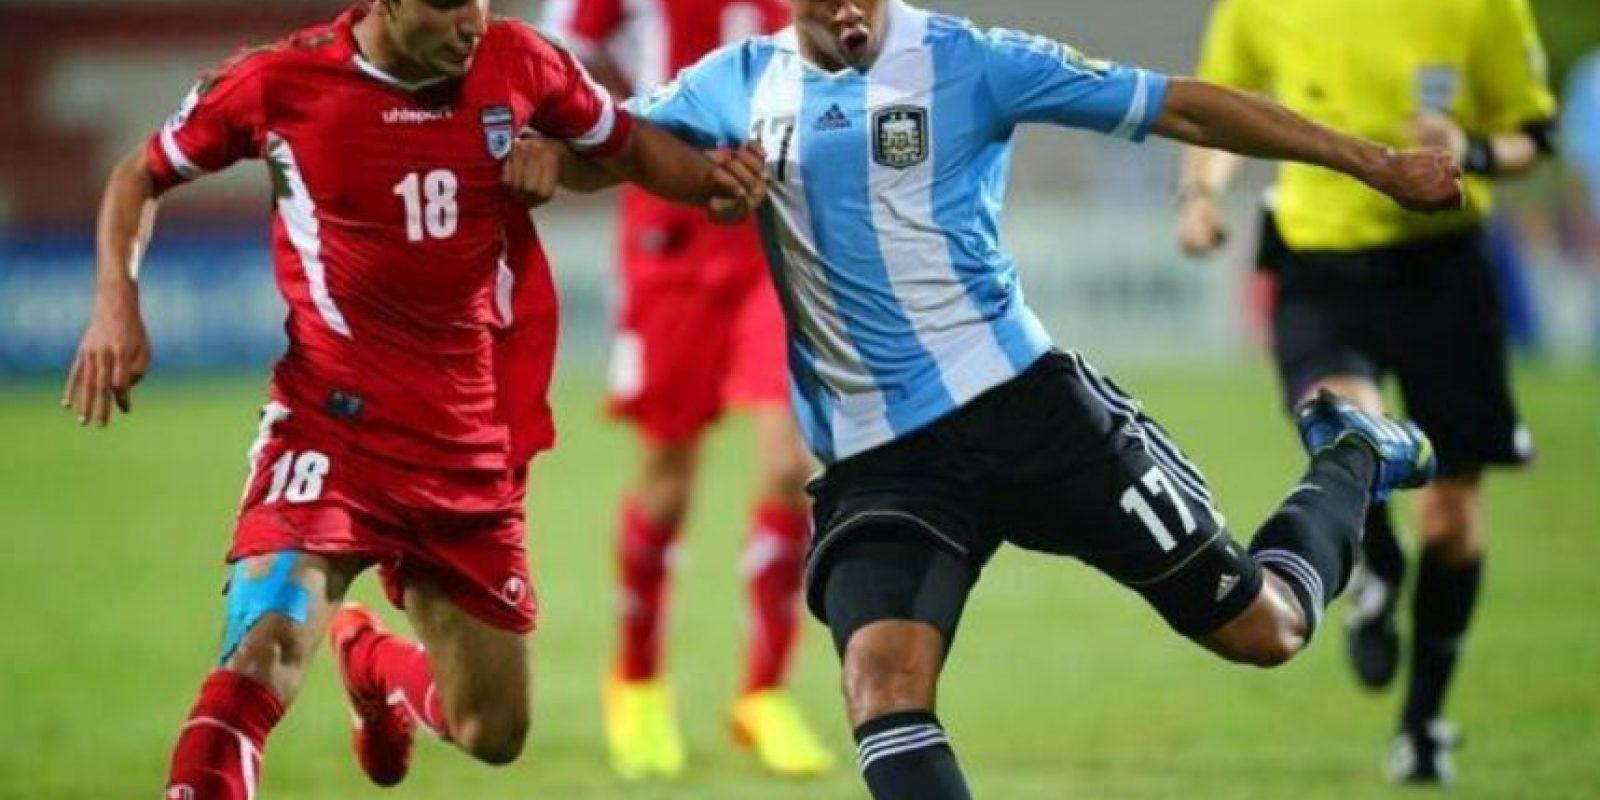 47. Joaquín Ibáñez. El defensa del Lanús también cuenta con olfato goleador, algo que demostró en el Mundial Sub-17 al marcar cuatro dianas Foto:Getty